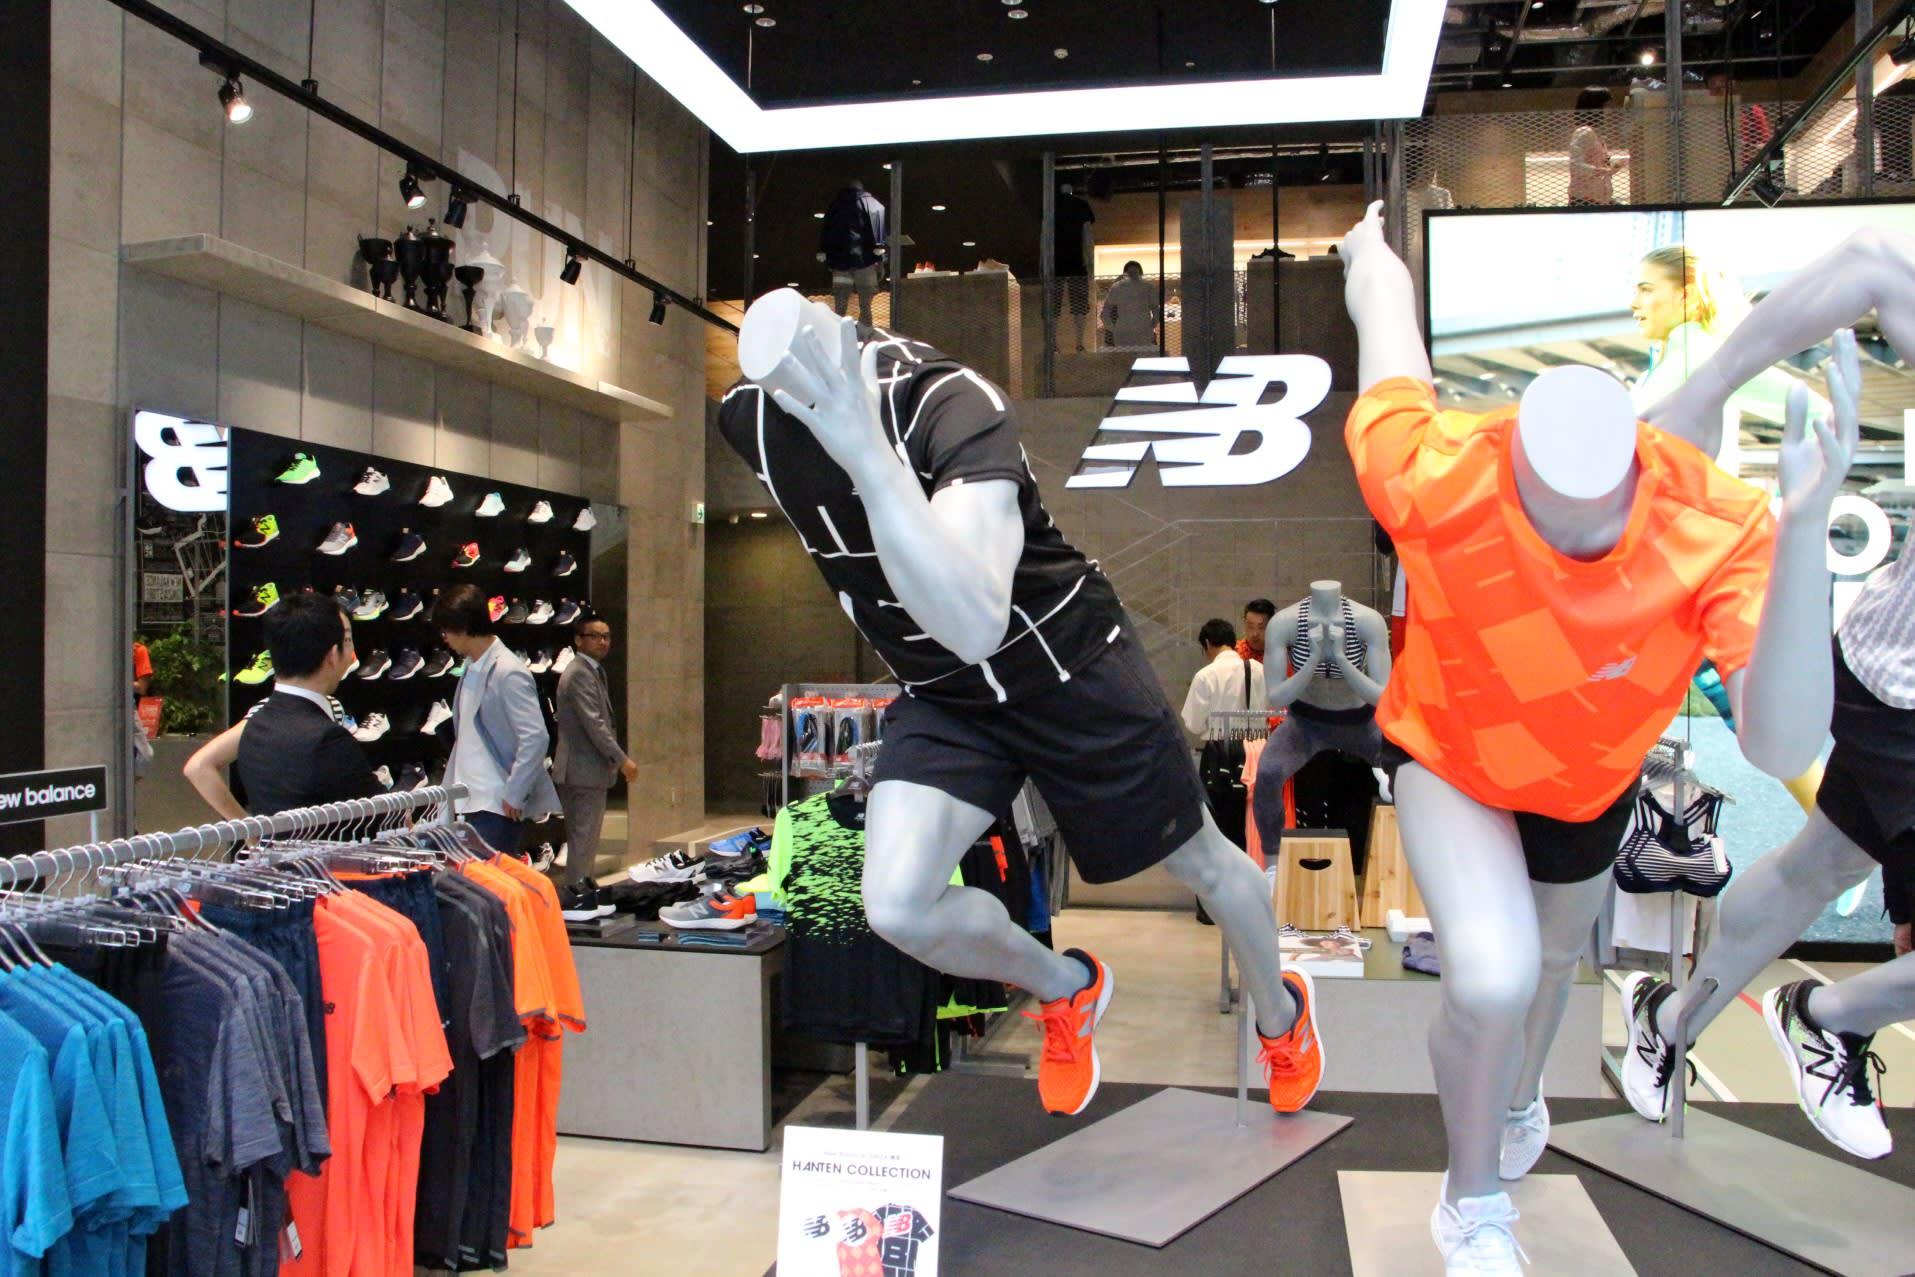 New Balance wants Tokyo to run aea32a1490f2